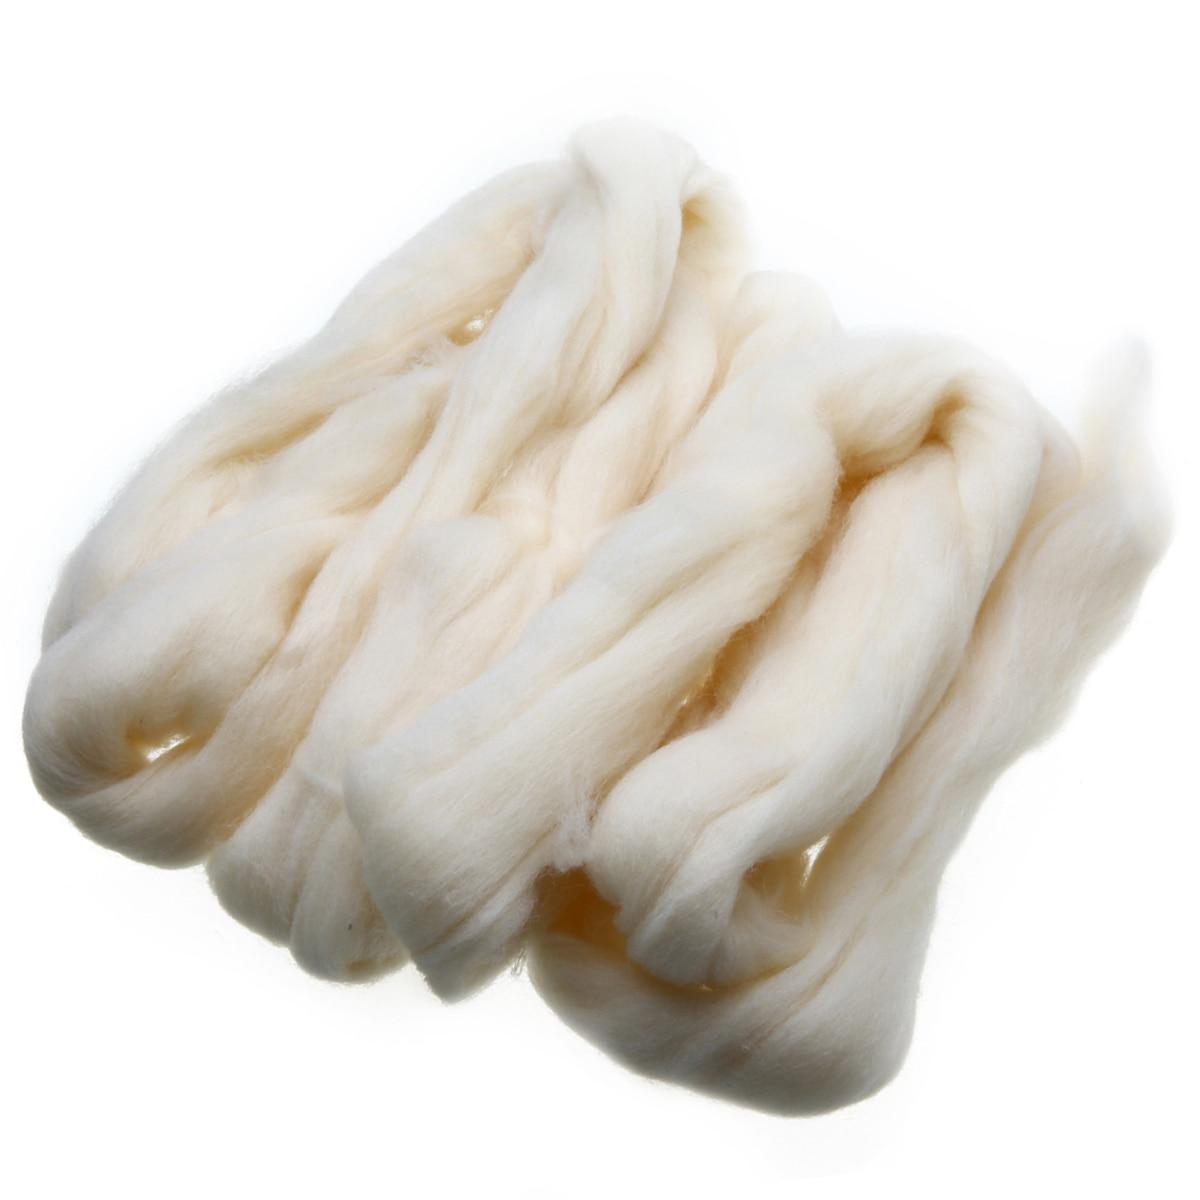 Кремово-белая шерсть для валяния 100 г игла мягкое валяние из шерстяного волокна вершины ровинг прядильное плетение для рукоделия DIY Рождественский подарок игрушка